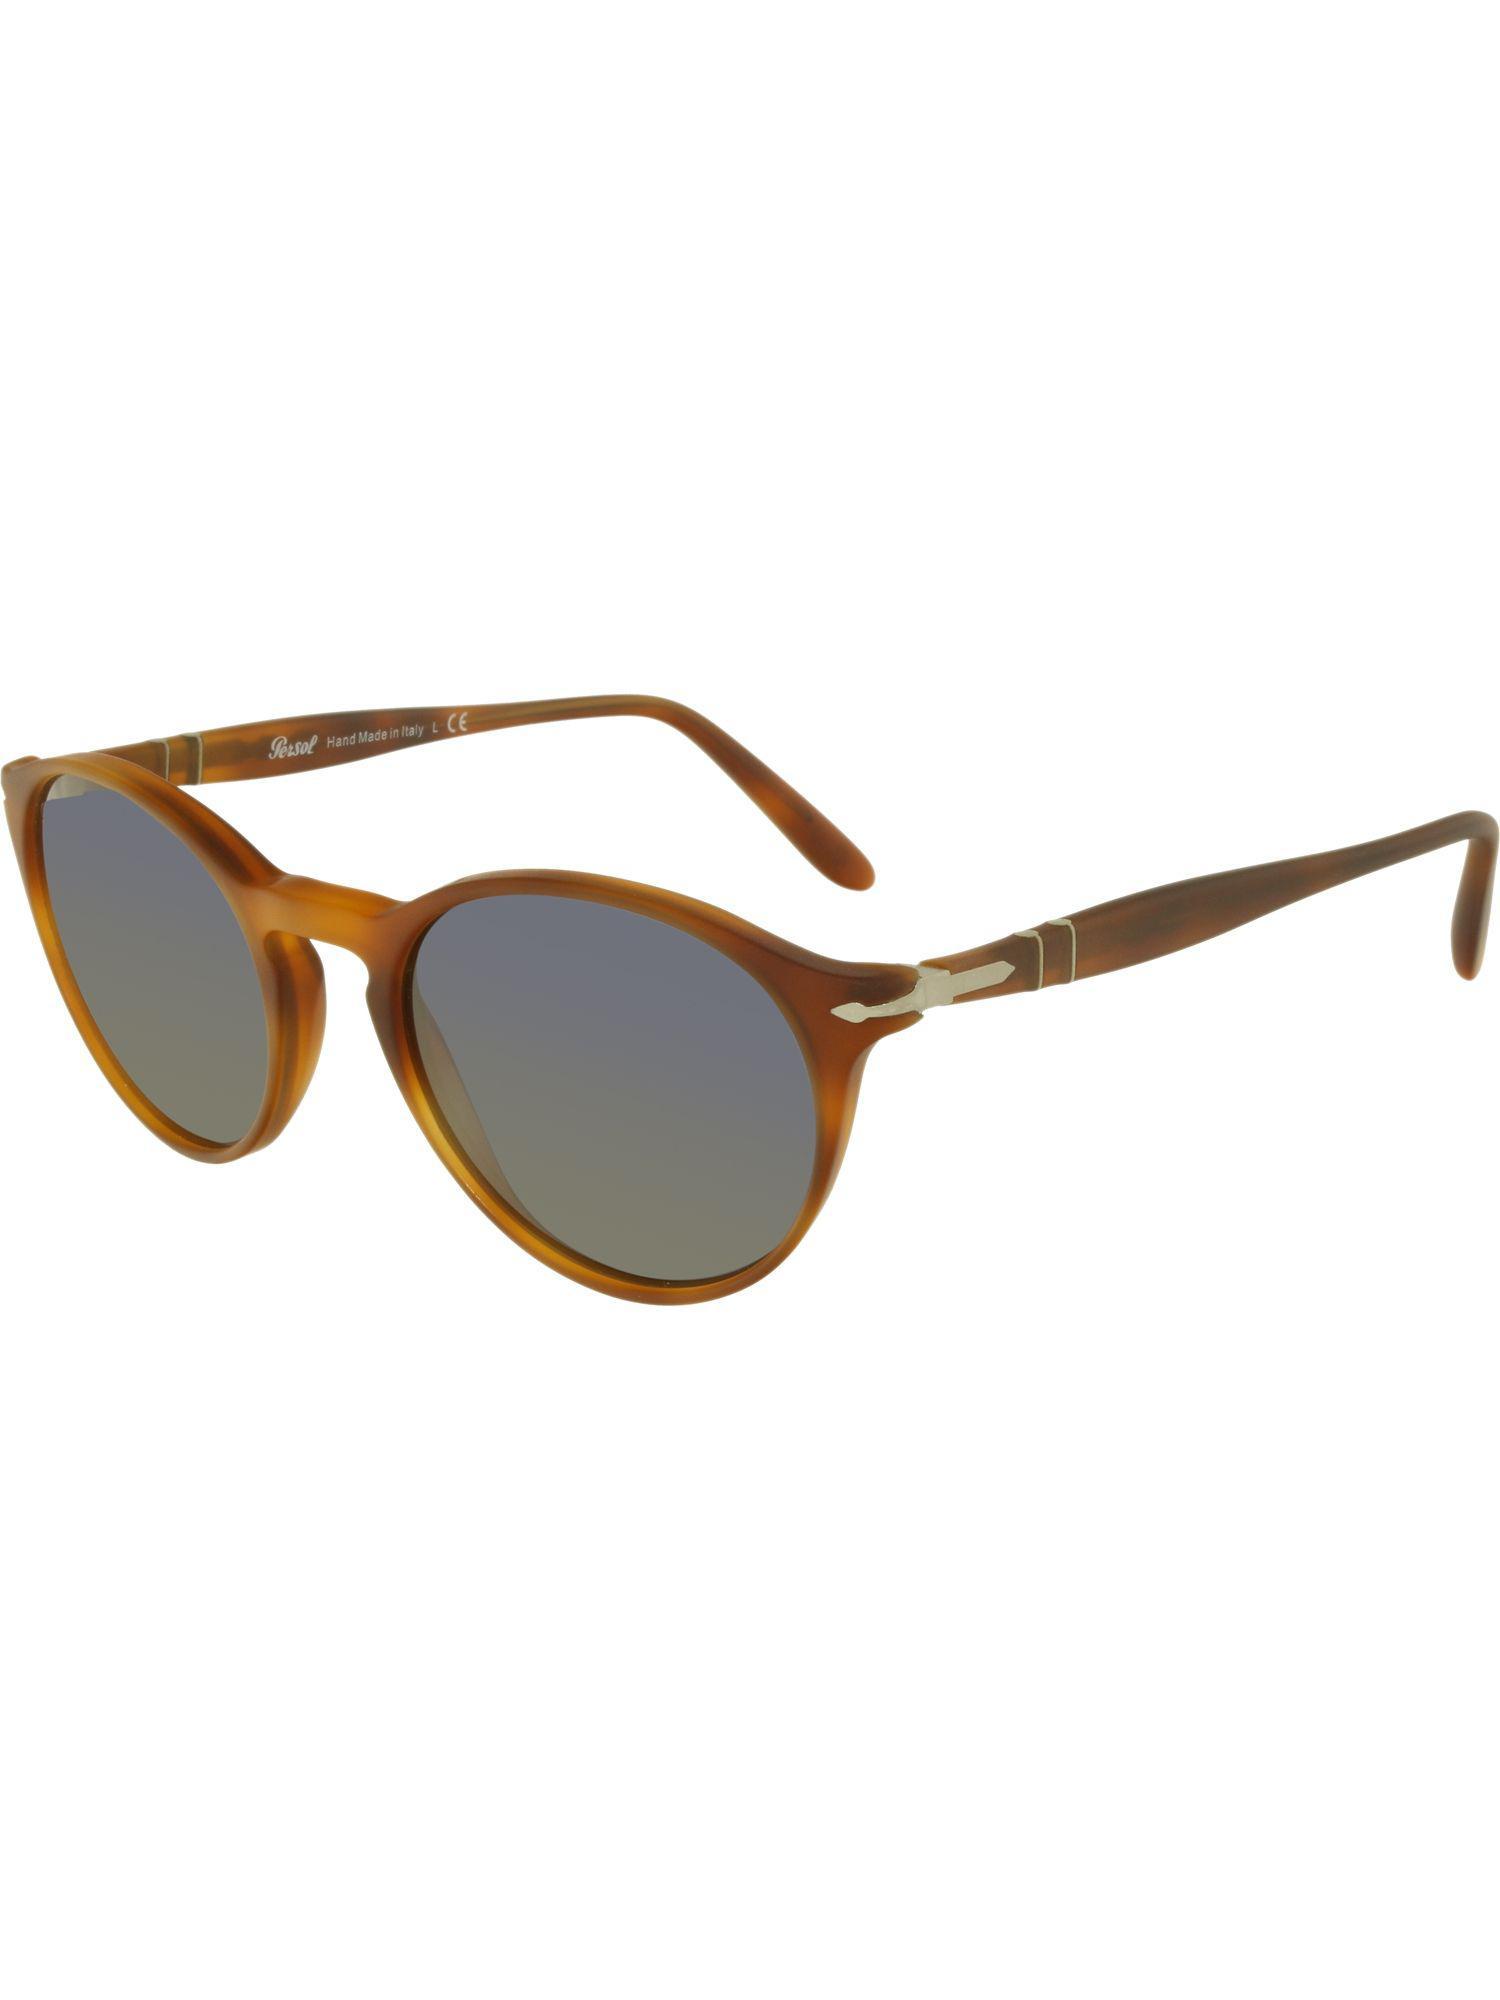 e12e33c534900 Lyst - Persol Mirrored Po3092sm-900656-50 Orange Round Sunglasses ...